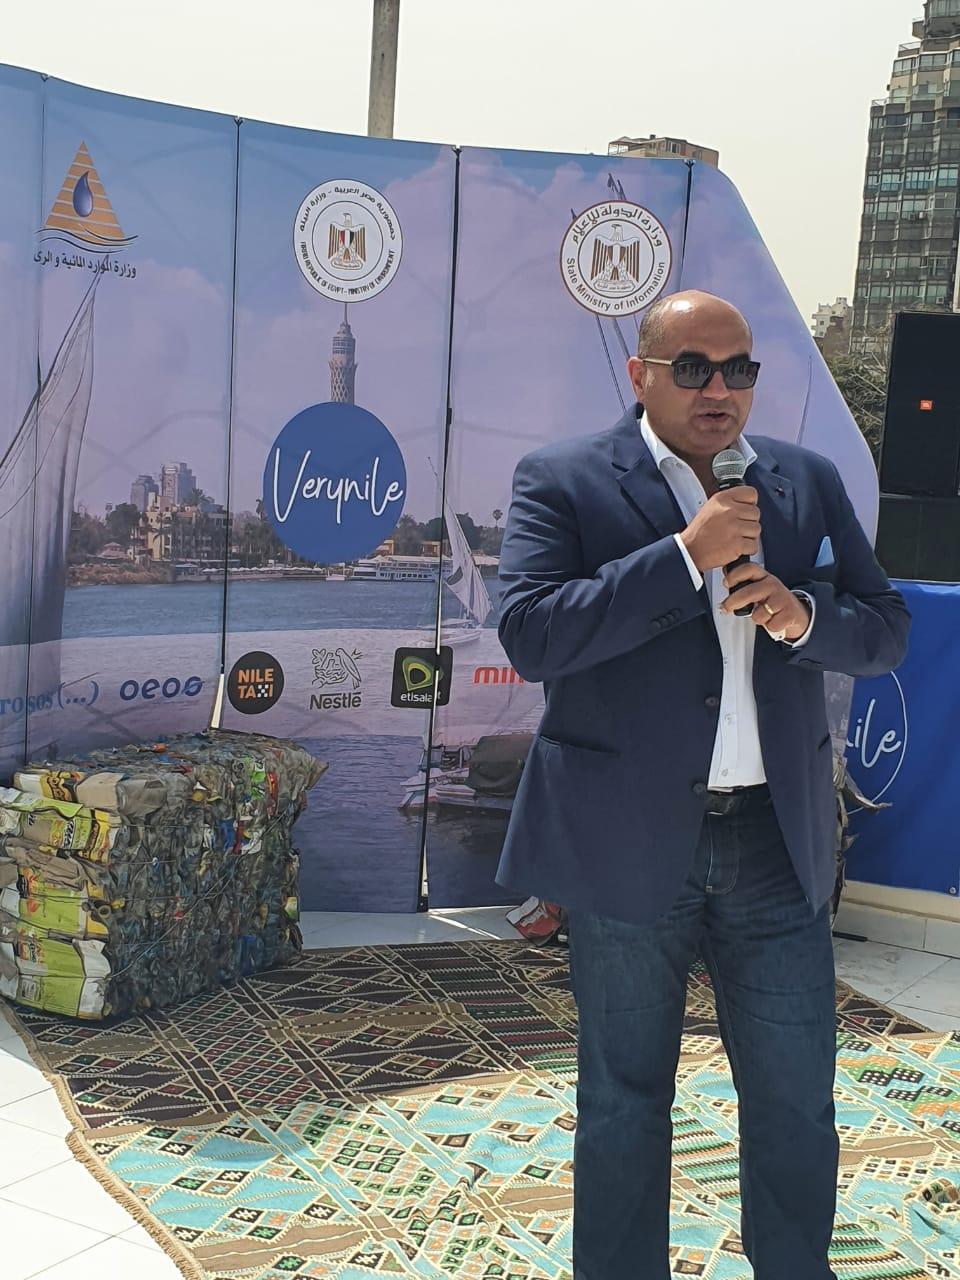 *«اتصالات مصر» تشارك في مبادرة «Very Happy Nile» لتطوير البيئة وتنظيم قوافل طبية بجزيرة «القرصاية» بالجيزة*